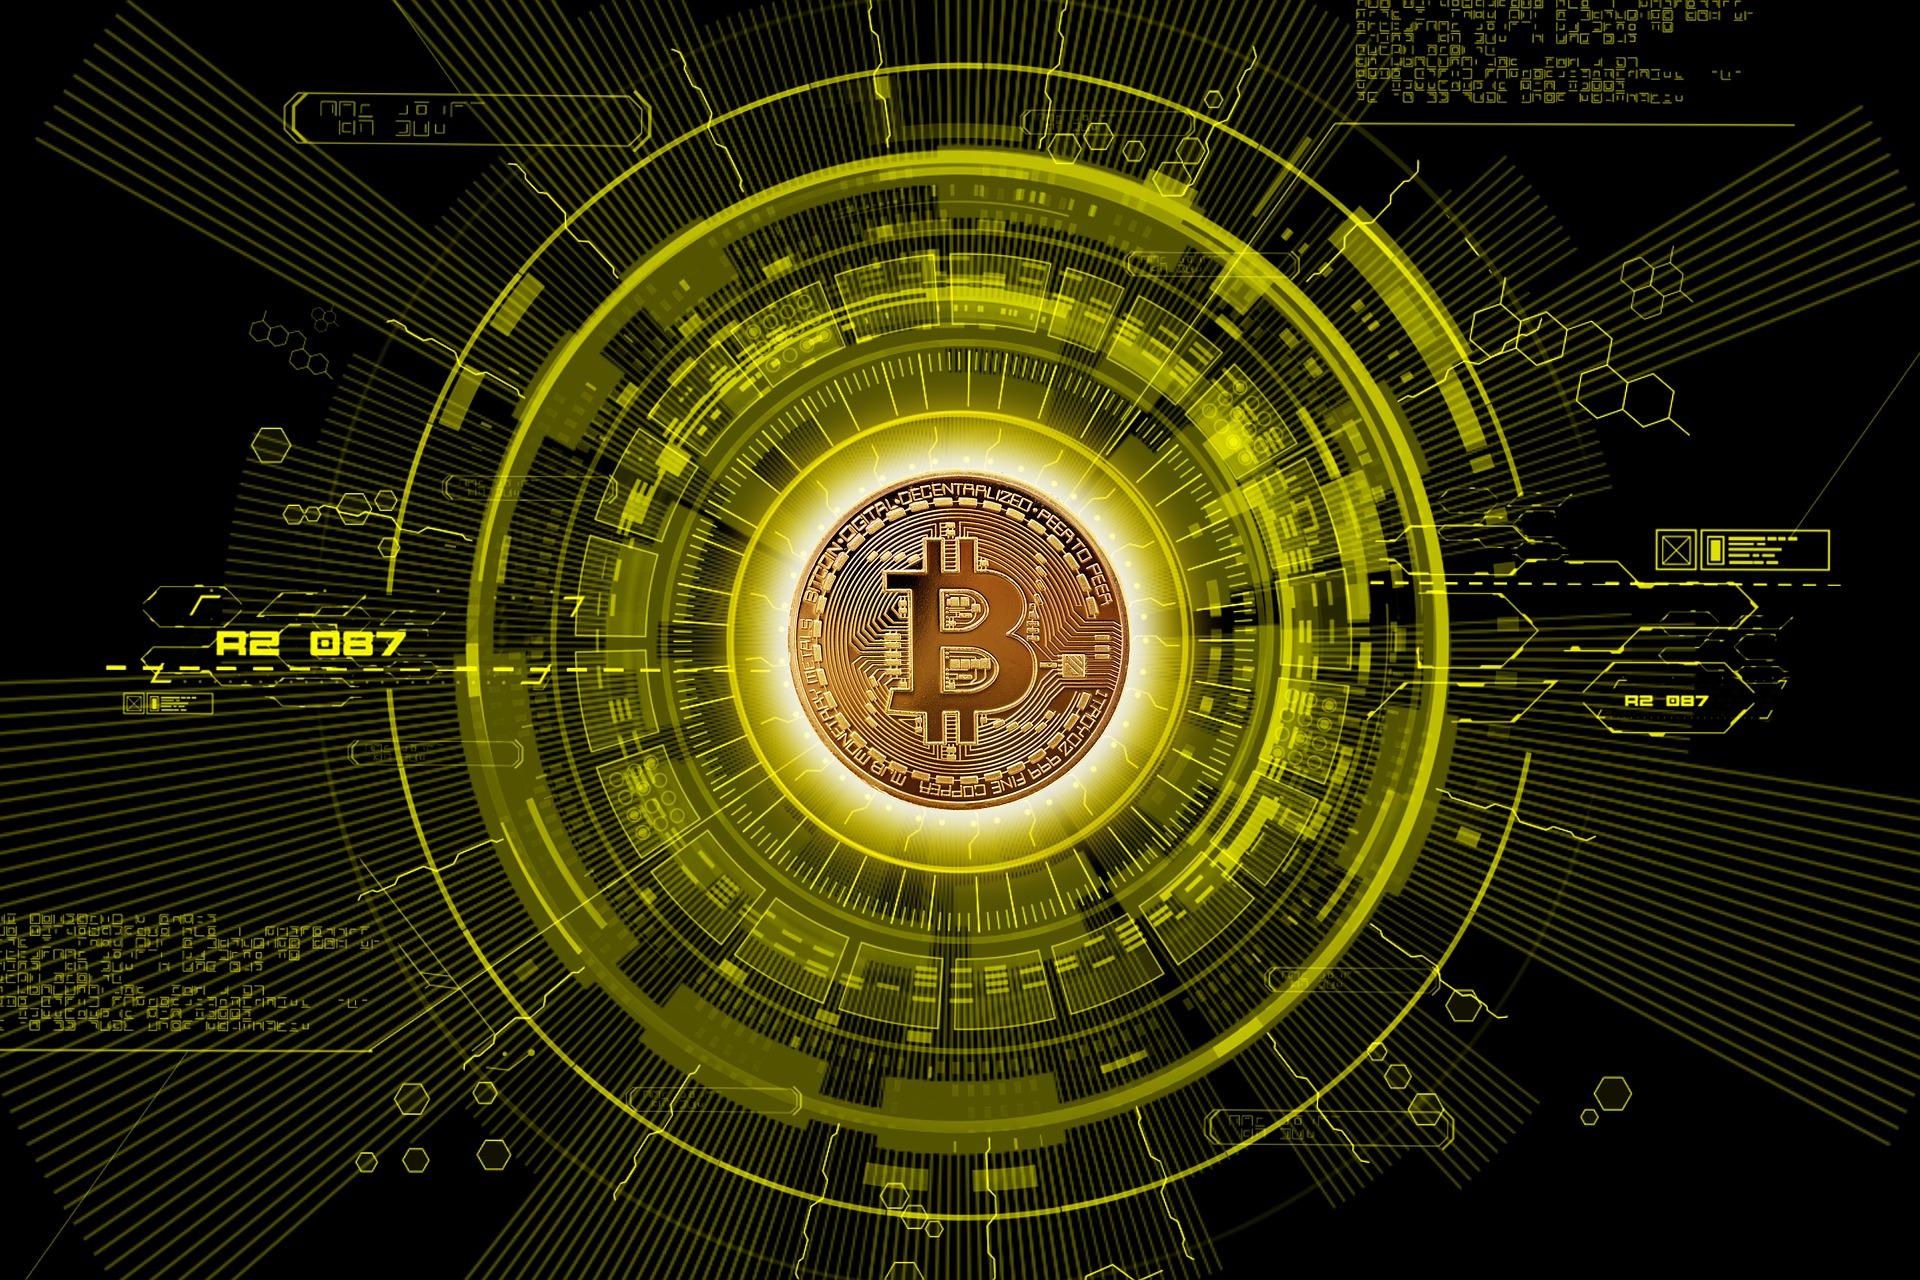 Gemini colabora con una donación al fondo de desarrollo de Bitcoin de la Fundación de Derechos Humanos